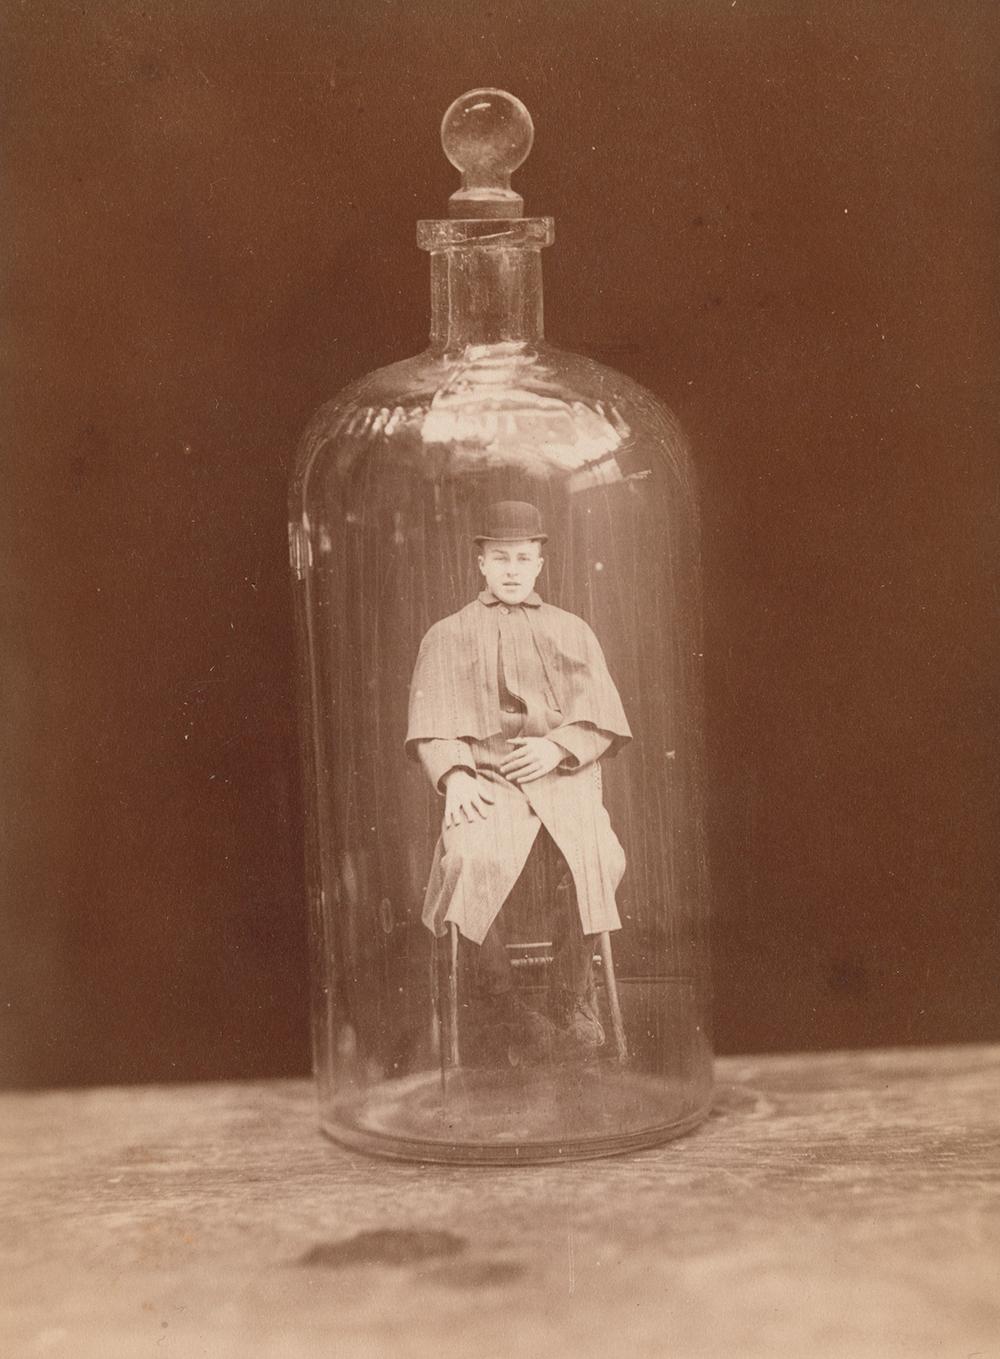 Man in Bottle, by John C. Higgins, c. 1888.